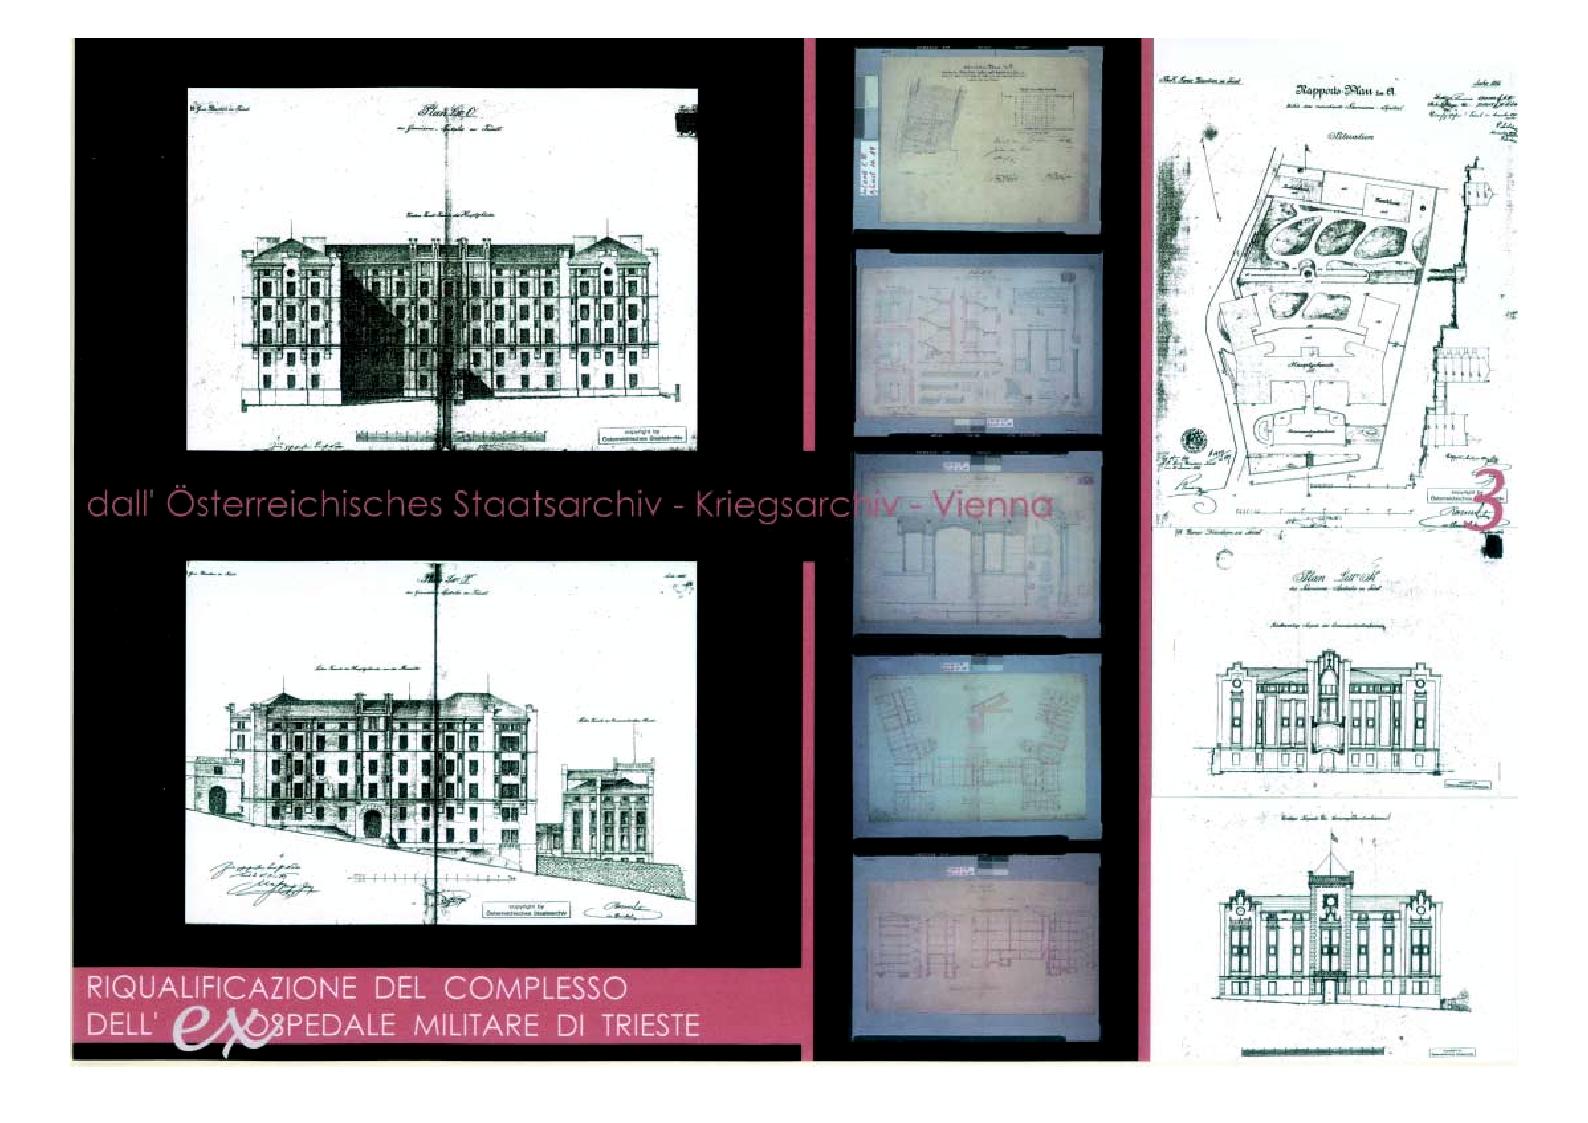 Anteprima della tesi: Riqualificazione del complesso dell'ex ospedale militare di Trieste, Pagina 1